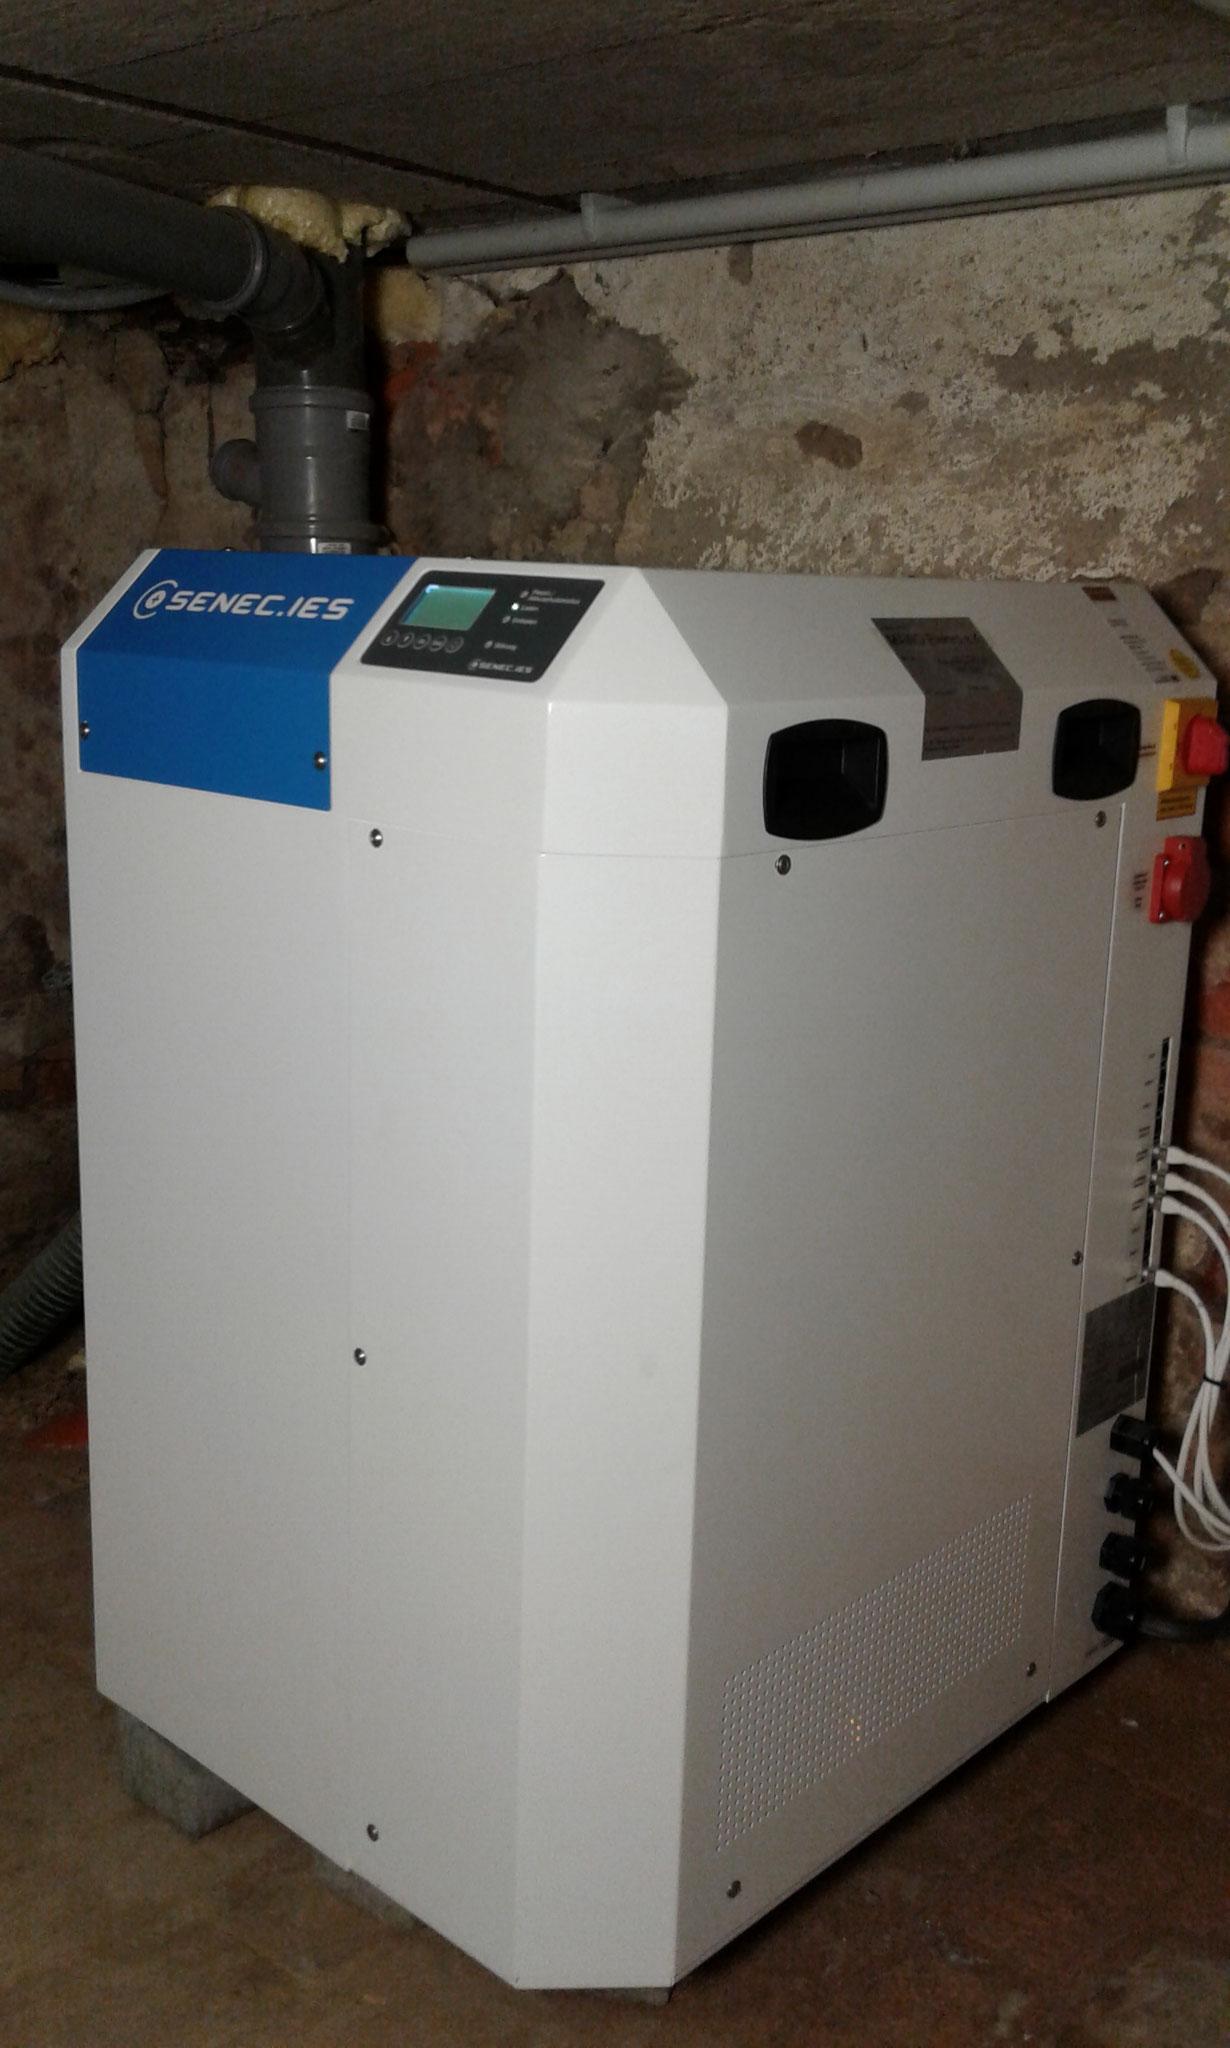 7,5 kWh SENEC.Home Li Speicher in Verbindung mit SENEC.CLOUD 100% Unabhängigkeit in Malchow